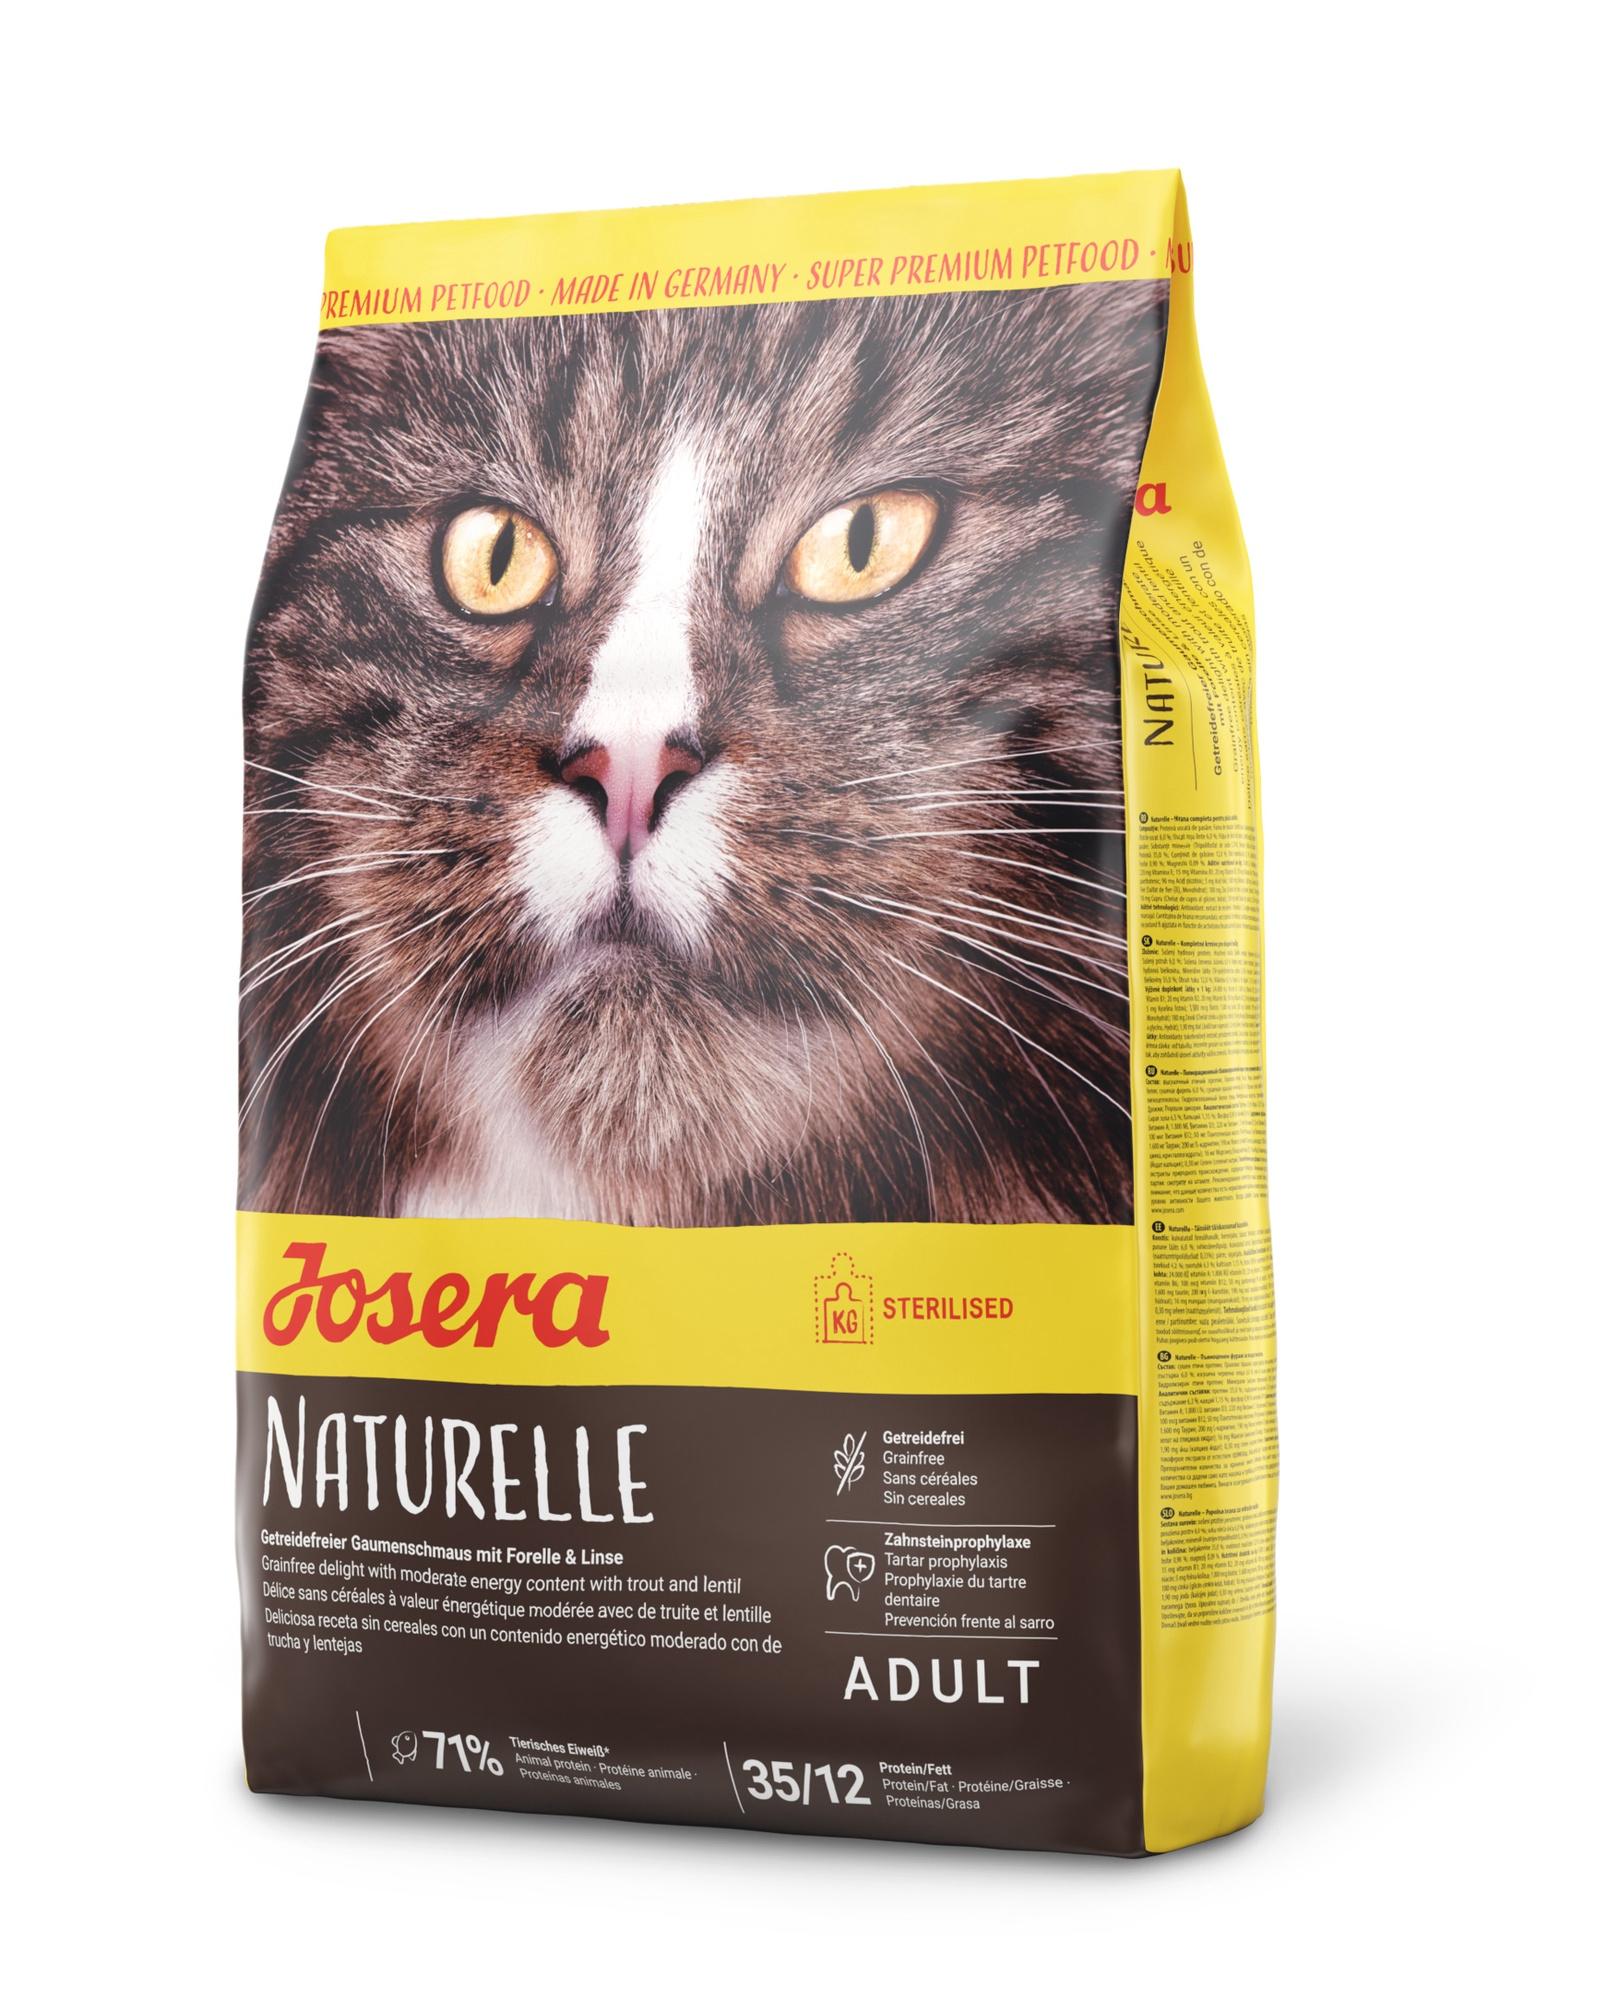 Begrūdis kačių maistas Josera Naturelle cat 10kg.